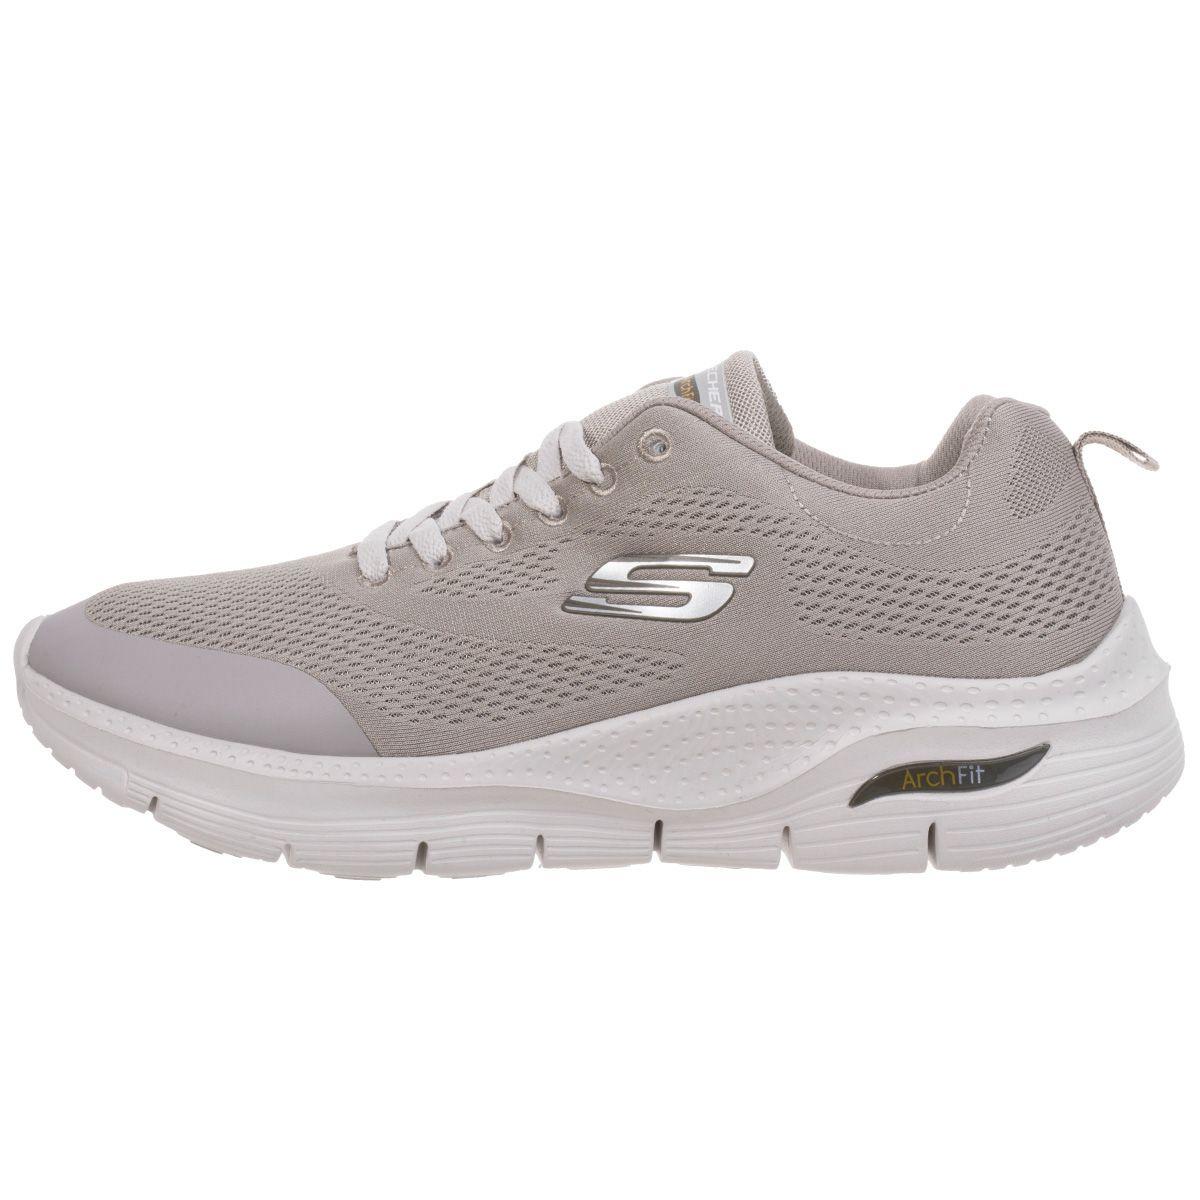 کفش پیاده روی مردانه اسکچرز مدل ArchFit GRY-1050151